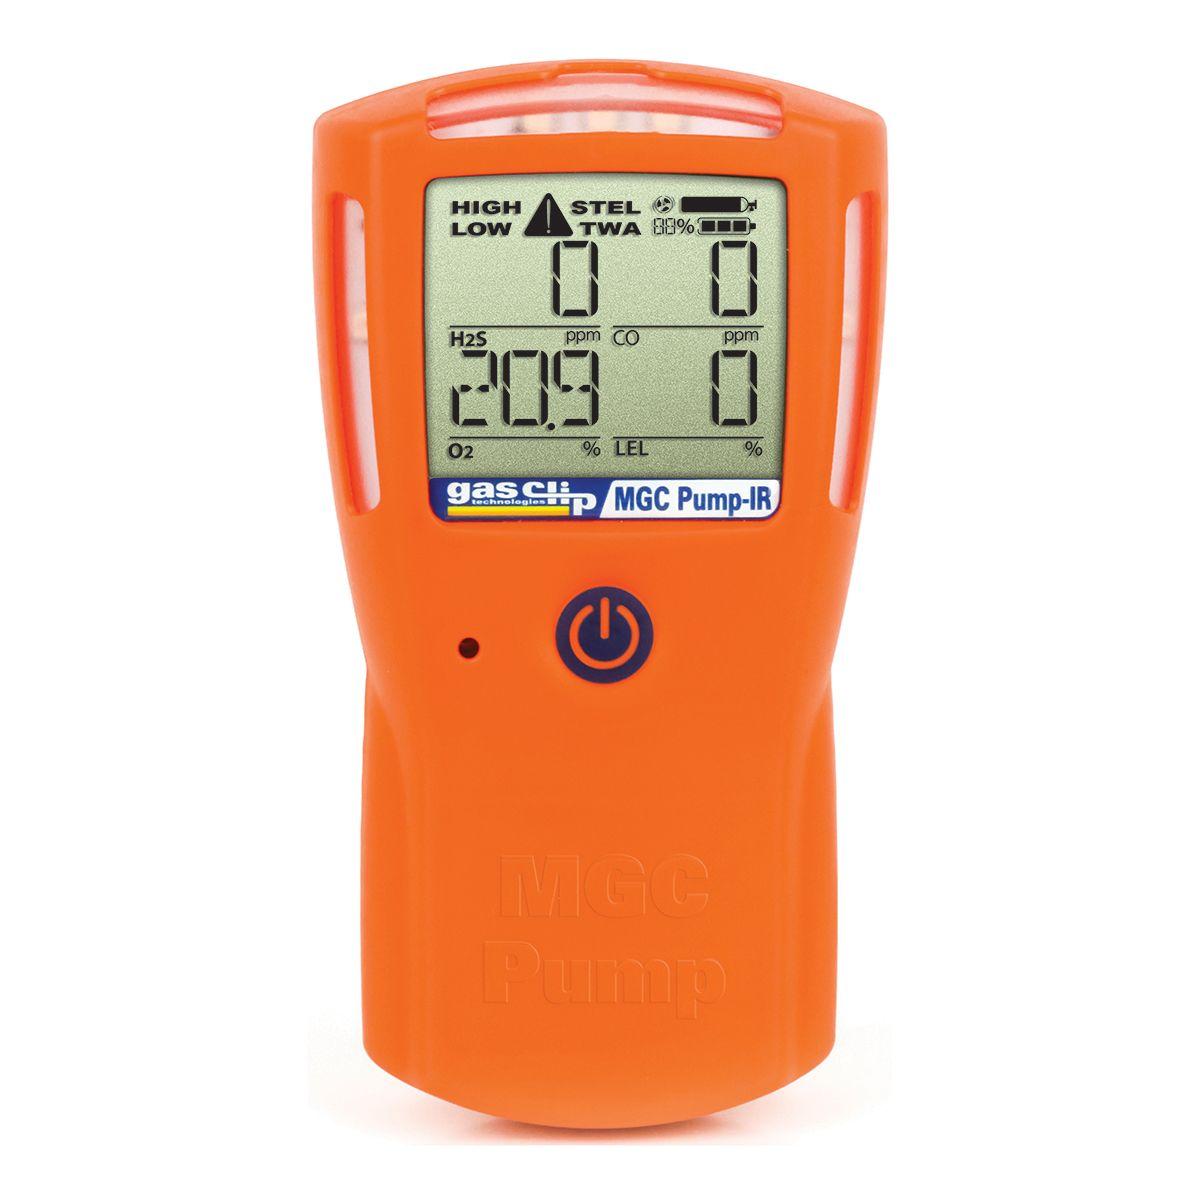 Thiết bị đo khí MGC-IR-PUMP GASCLIP